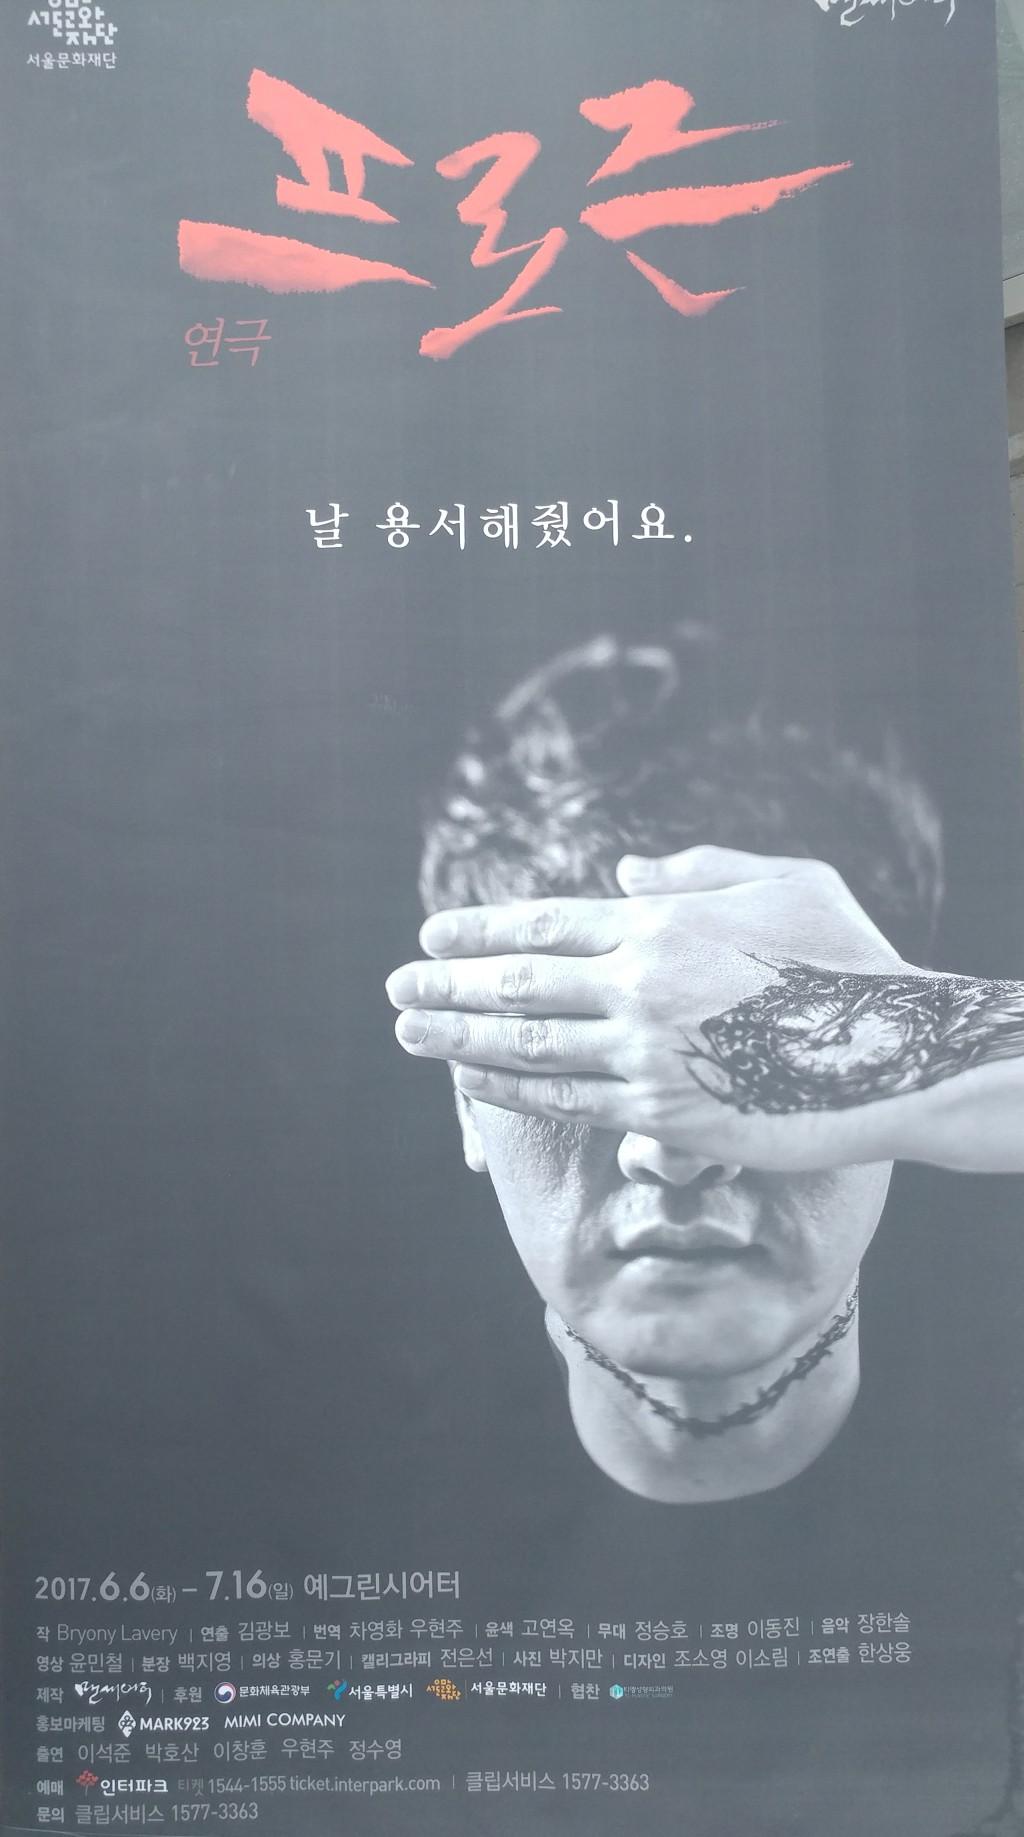 2017년 6월 14일 프로즌 - 예그린씨어터